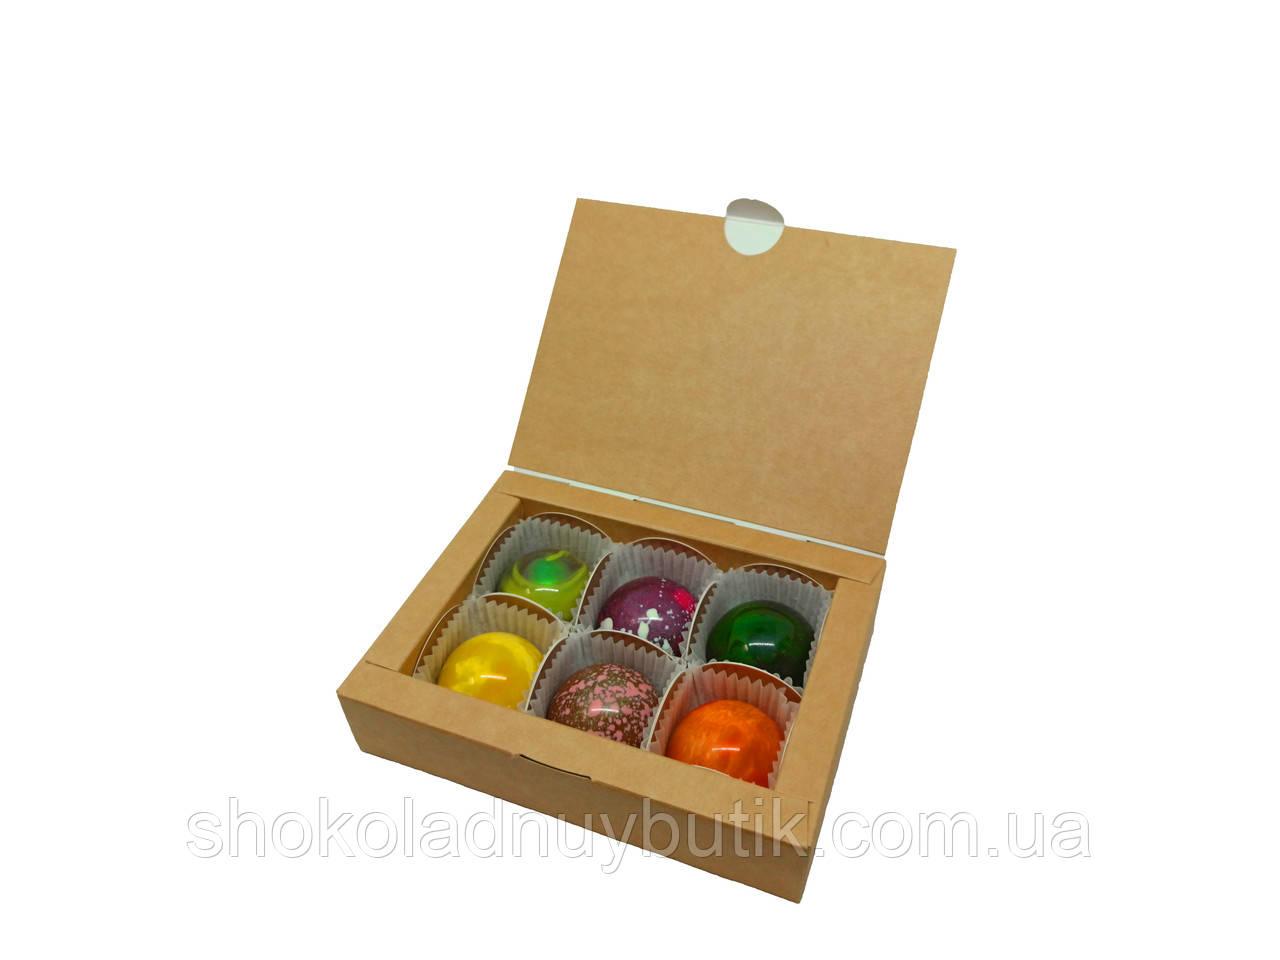 Шоколадні цукерки ручної роботи.Коробка на 6цук.